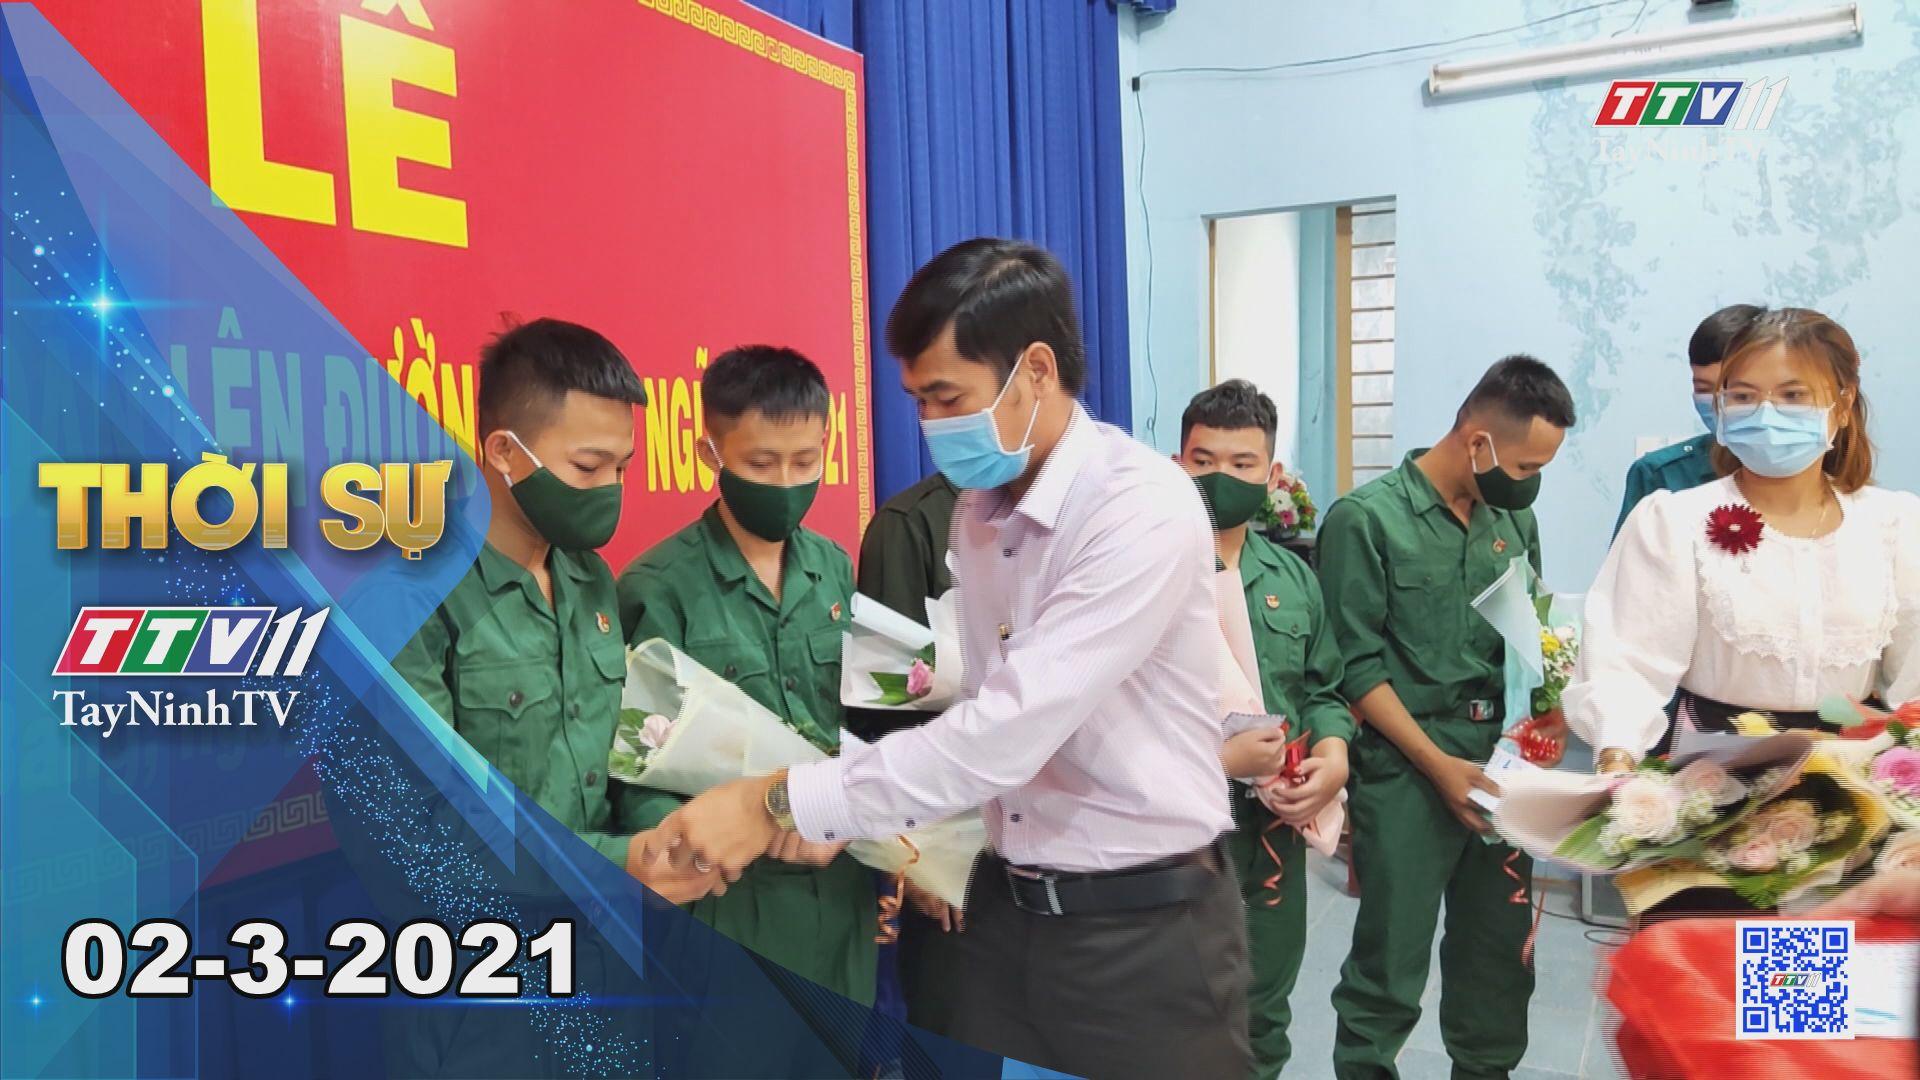 Thời sự Tây Ninh 02-3-2021 | Tin tức hôm nay | TayNinhTV